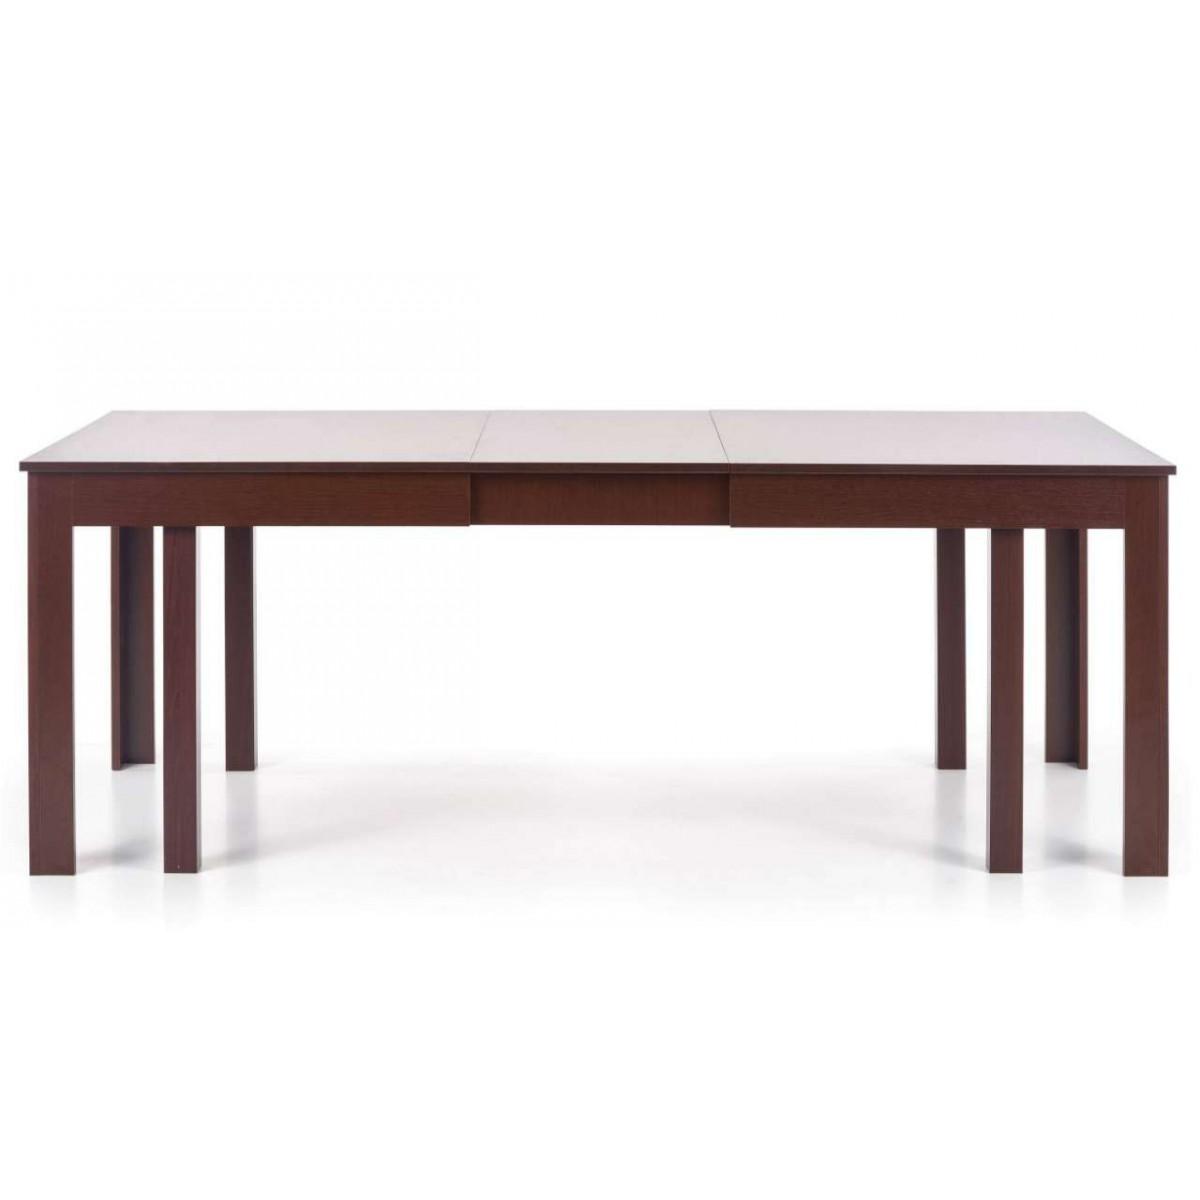 Seweryn stół rozkładany 160-300cm ciemny orzech